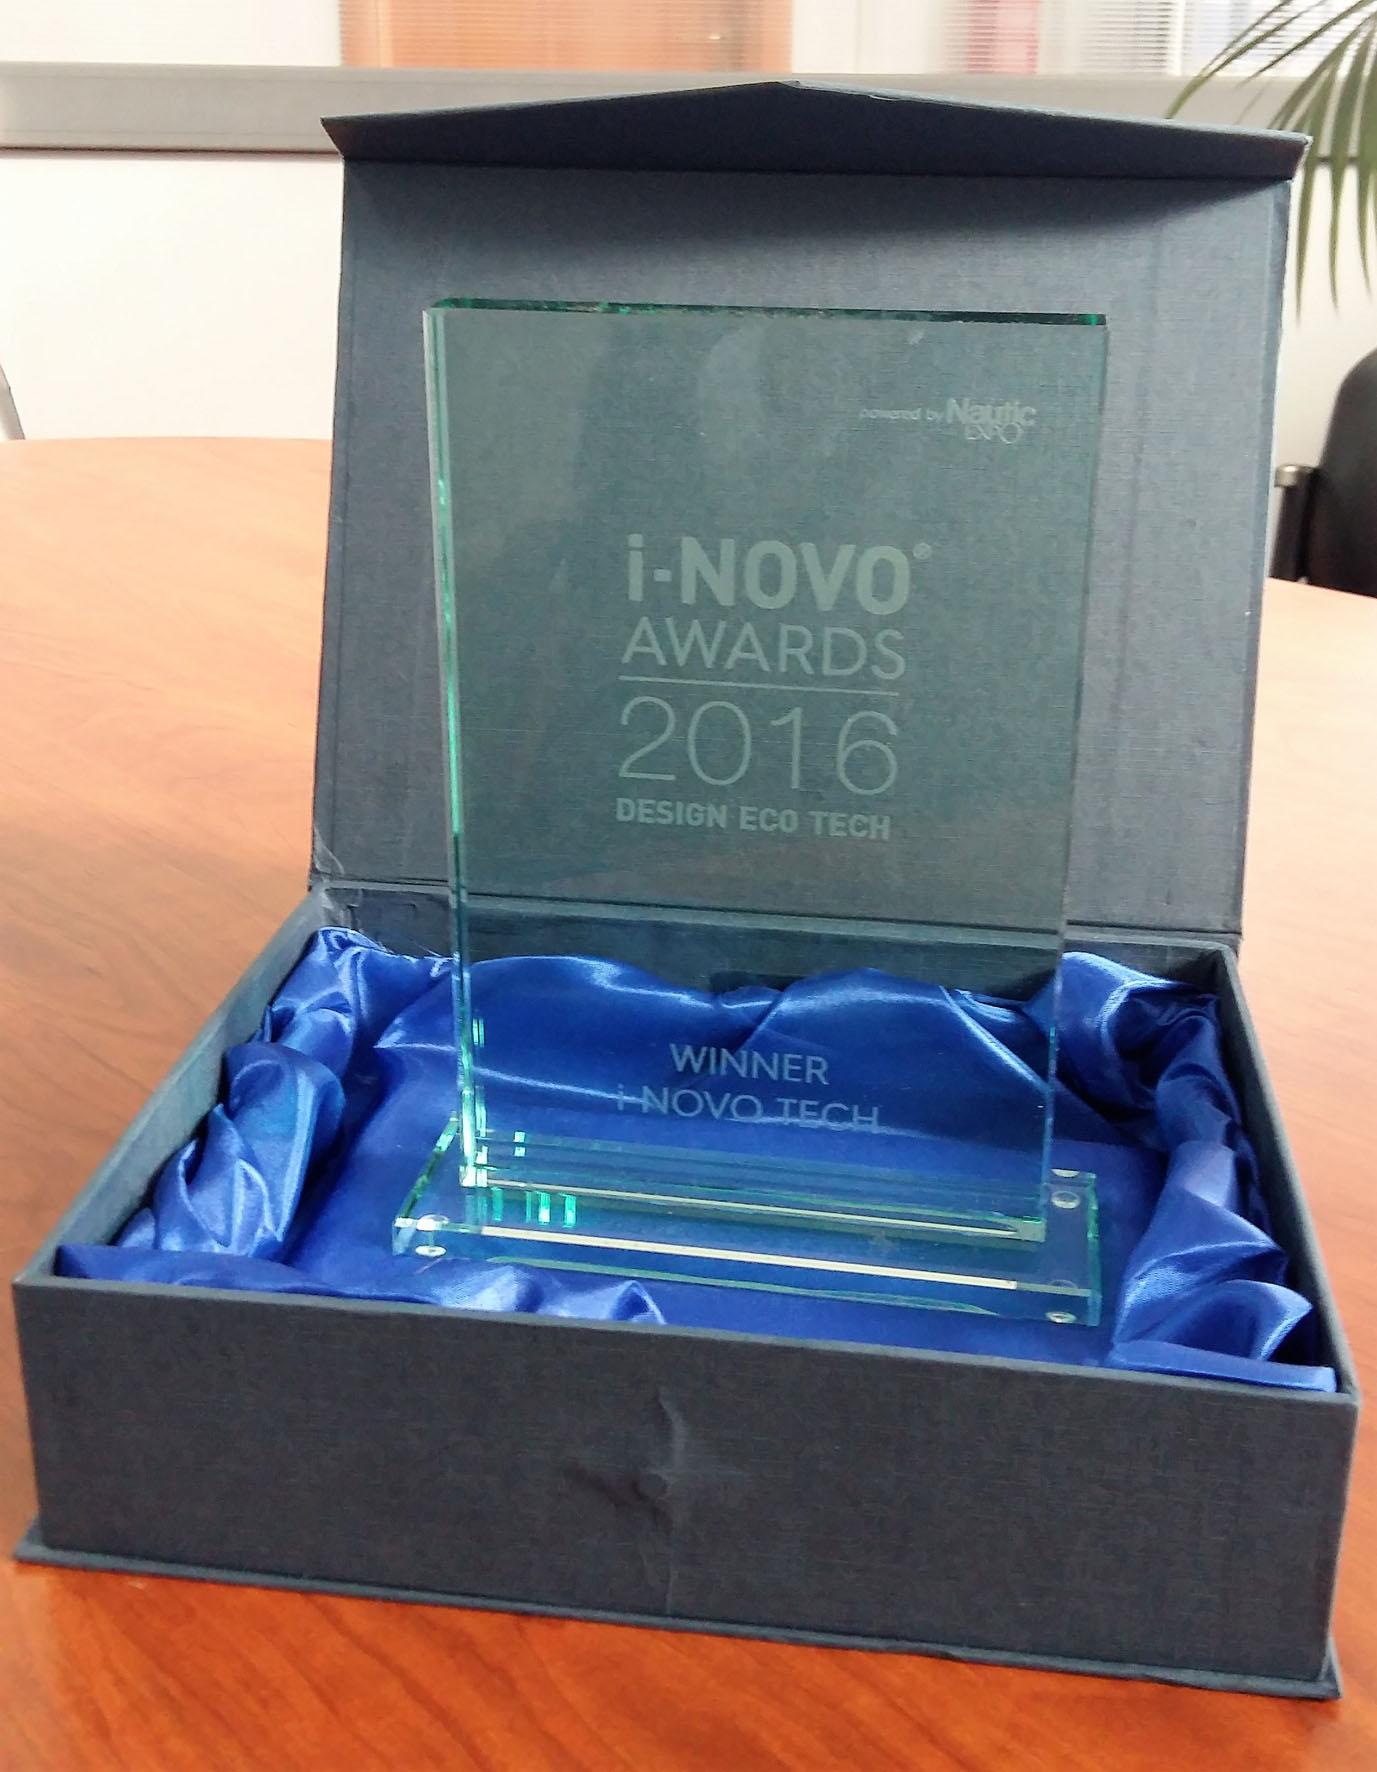 Il dissalatore schenker modular 300 conquista il premio i novo tech awards 2016 - Dissalatore prezzo ...